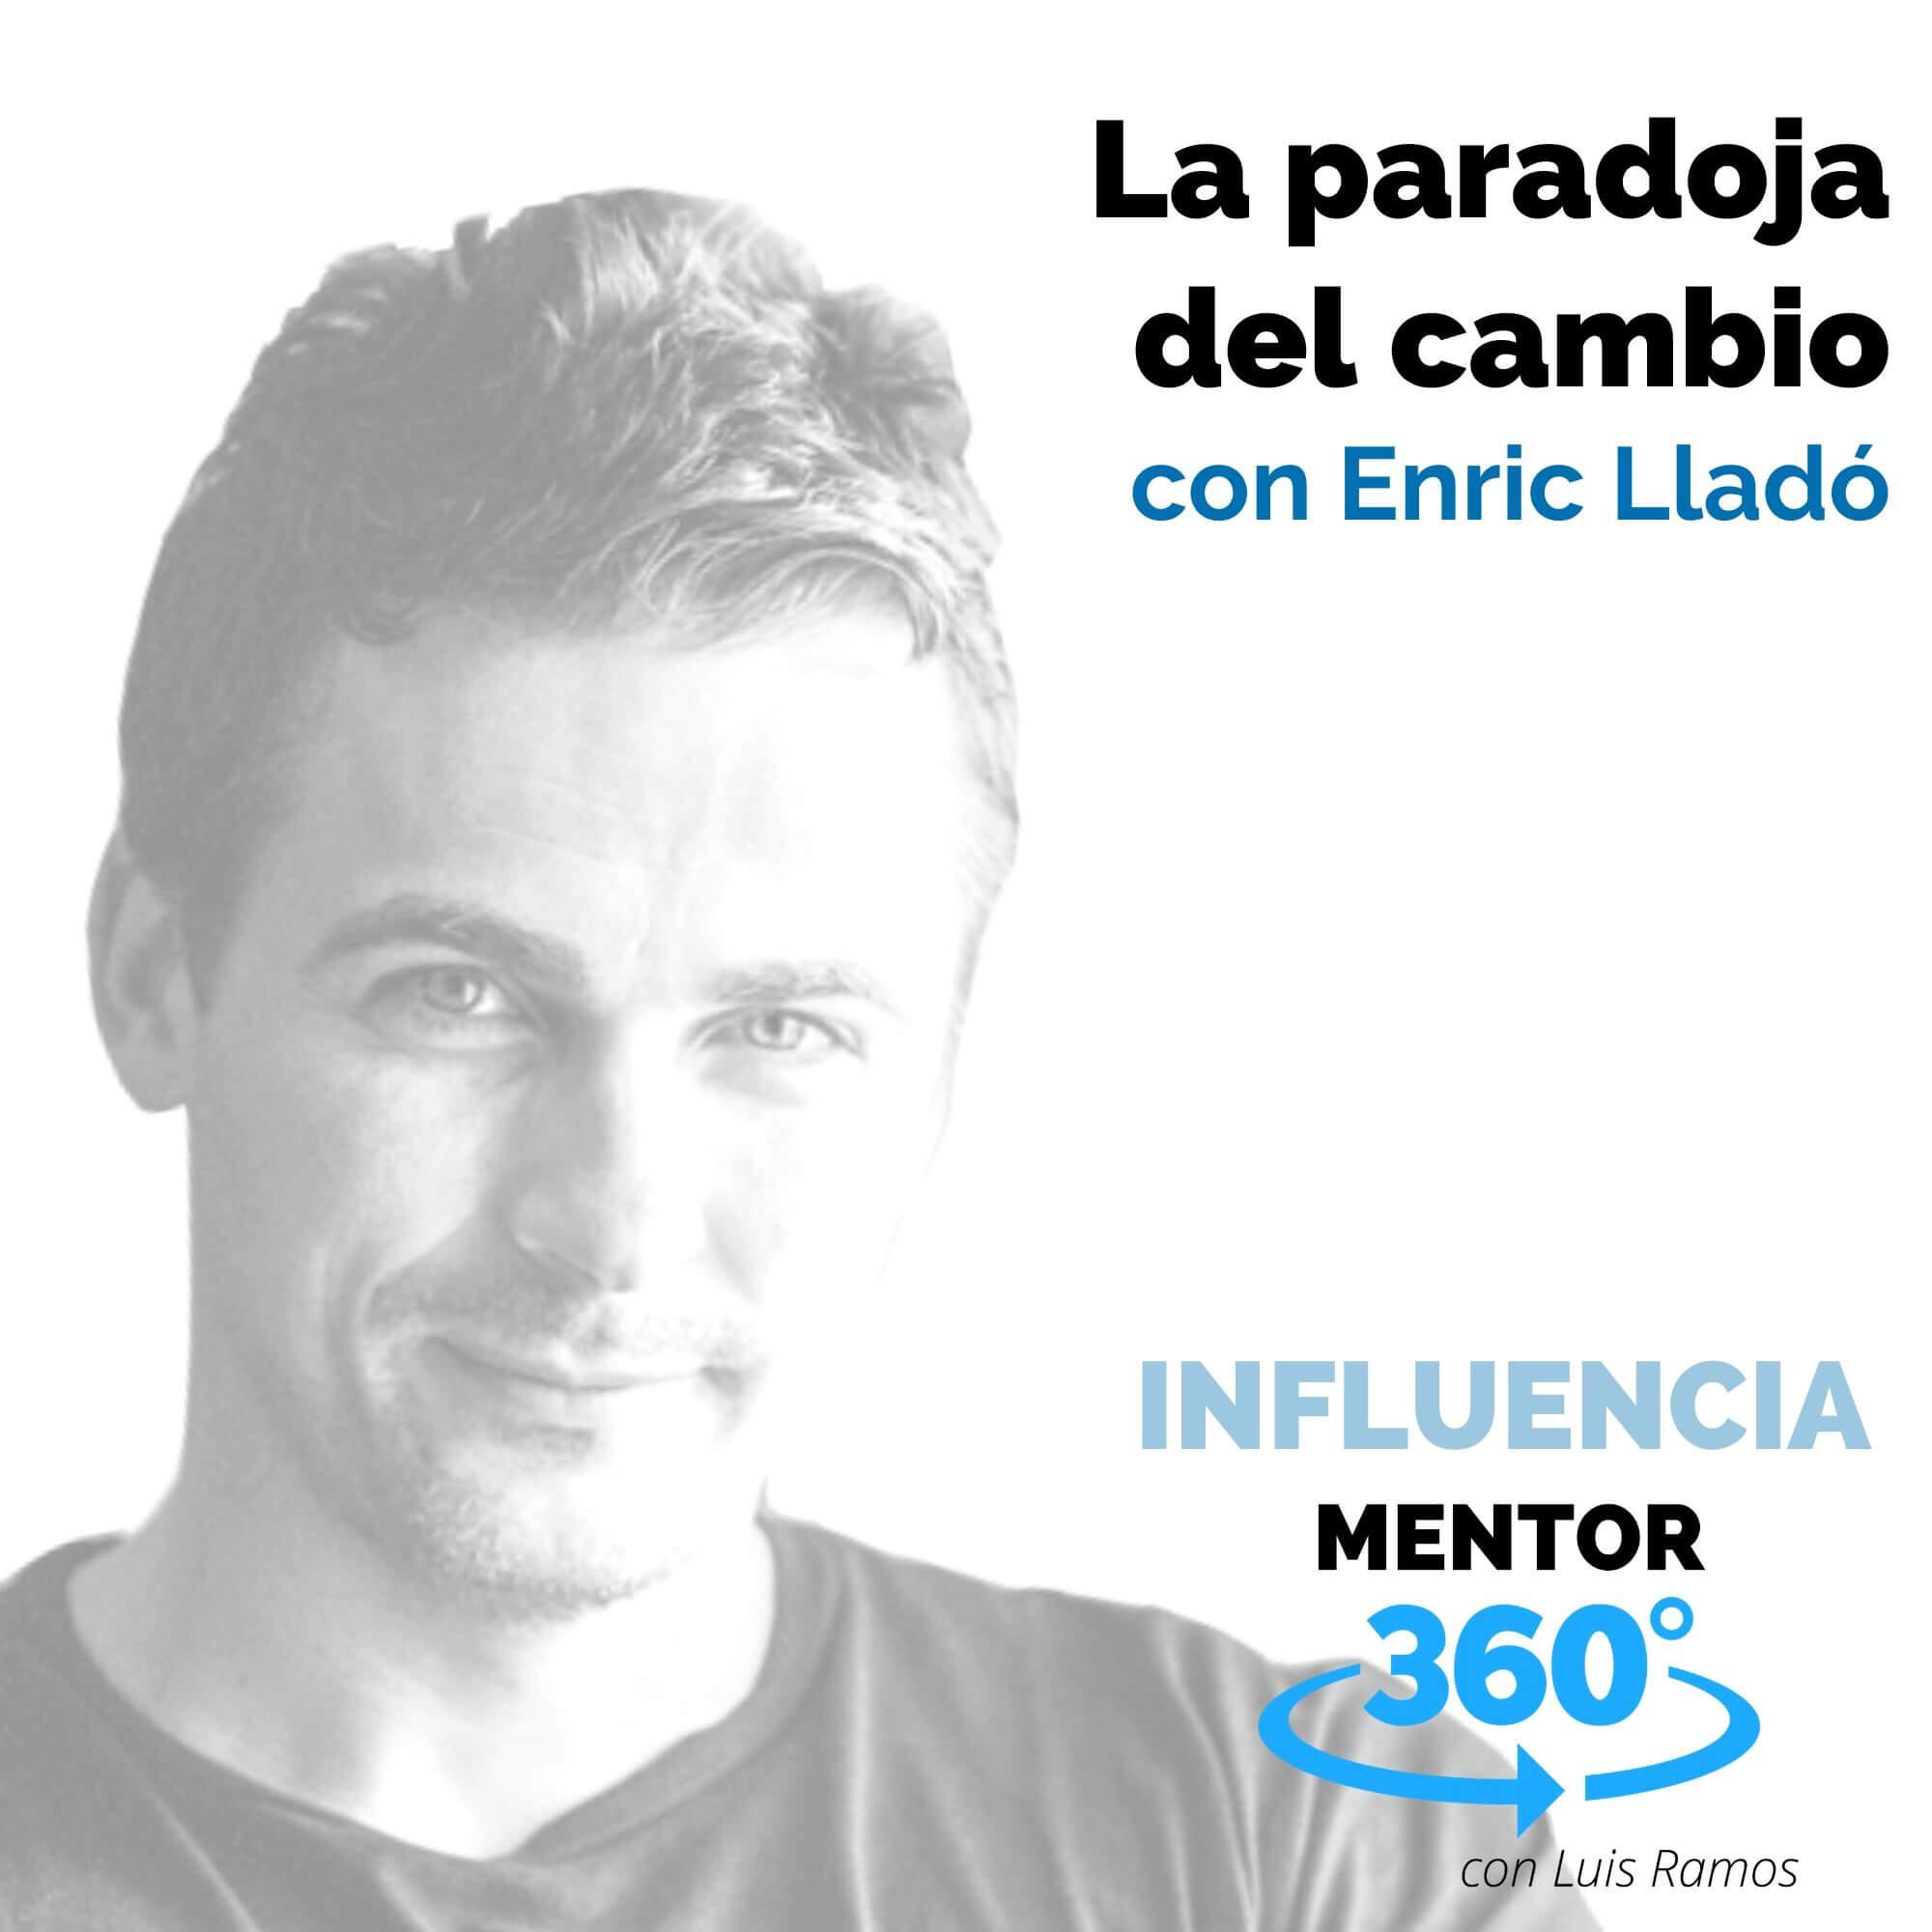 La paradoja del cambio, con Enric Lladó - INFLUENCIA